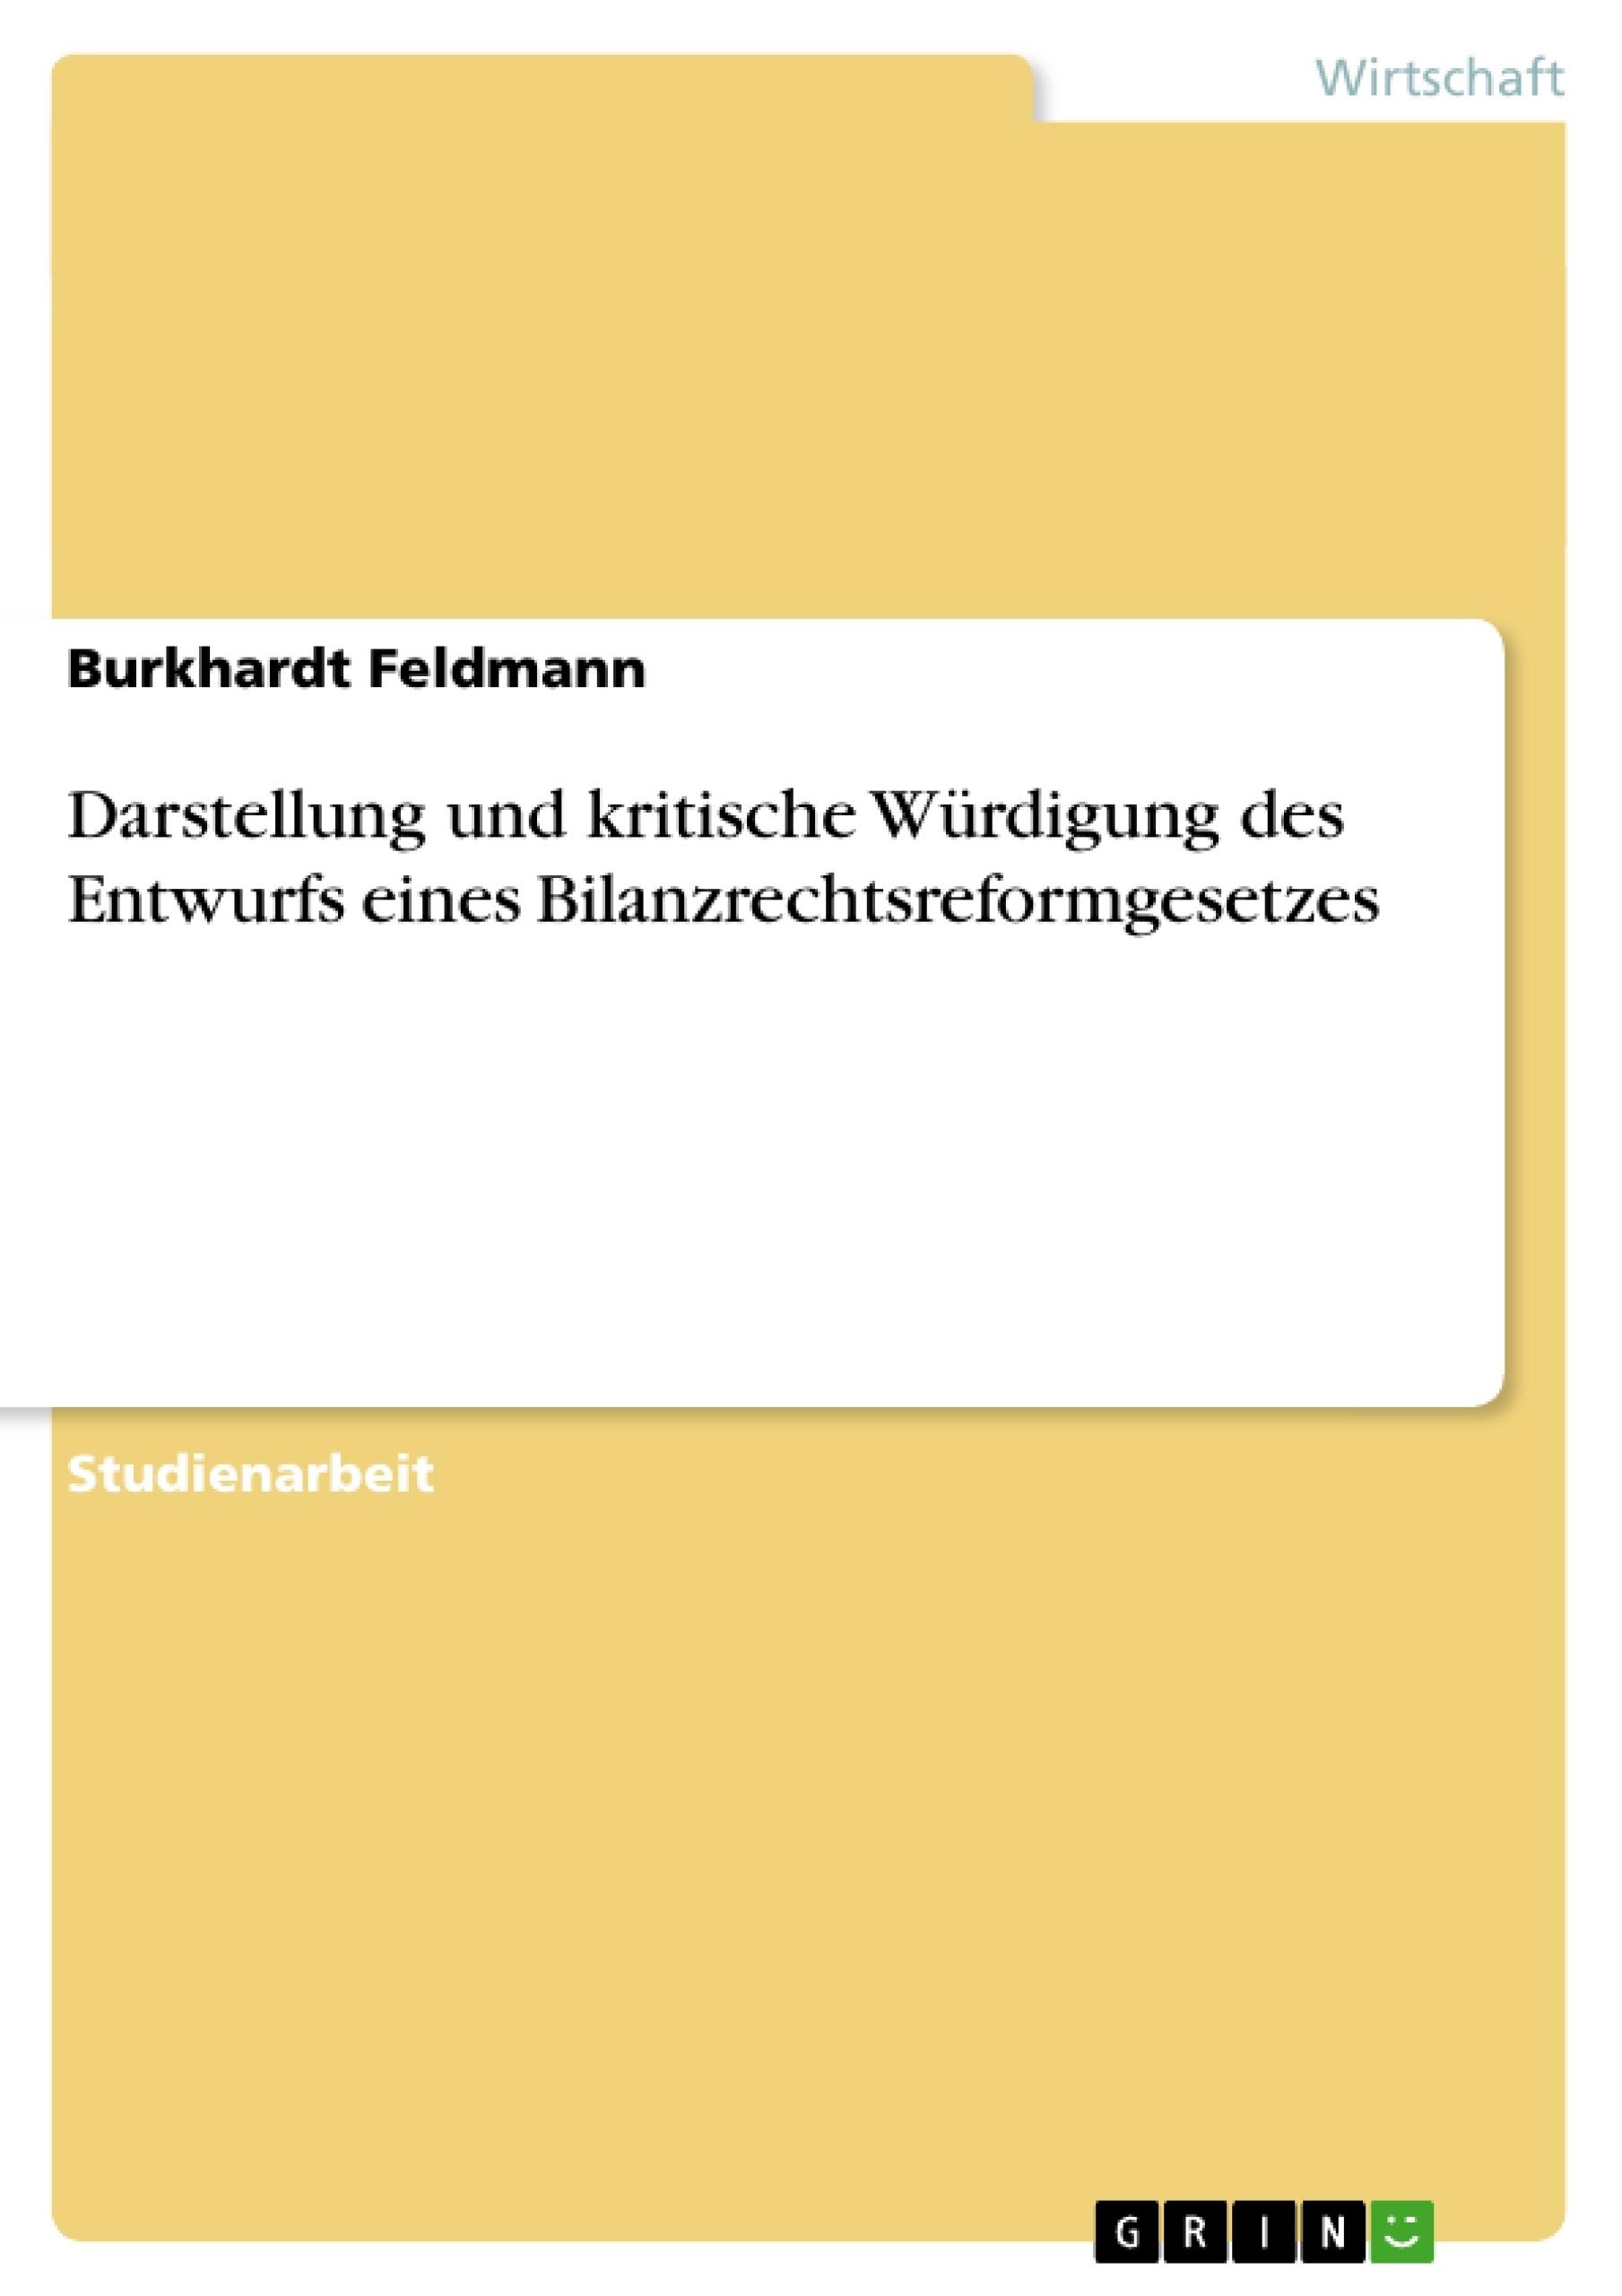 Titel: Darstellung und kritische Würdigung des Entwurfs eines Bilanzrechtsreformgesetzes